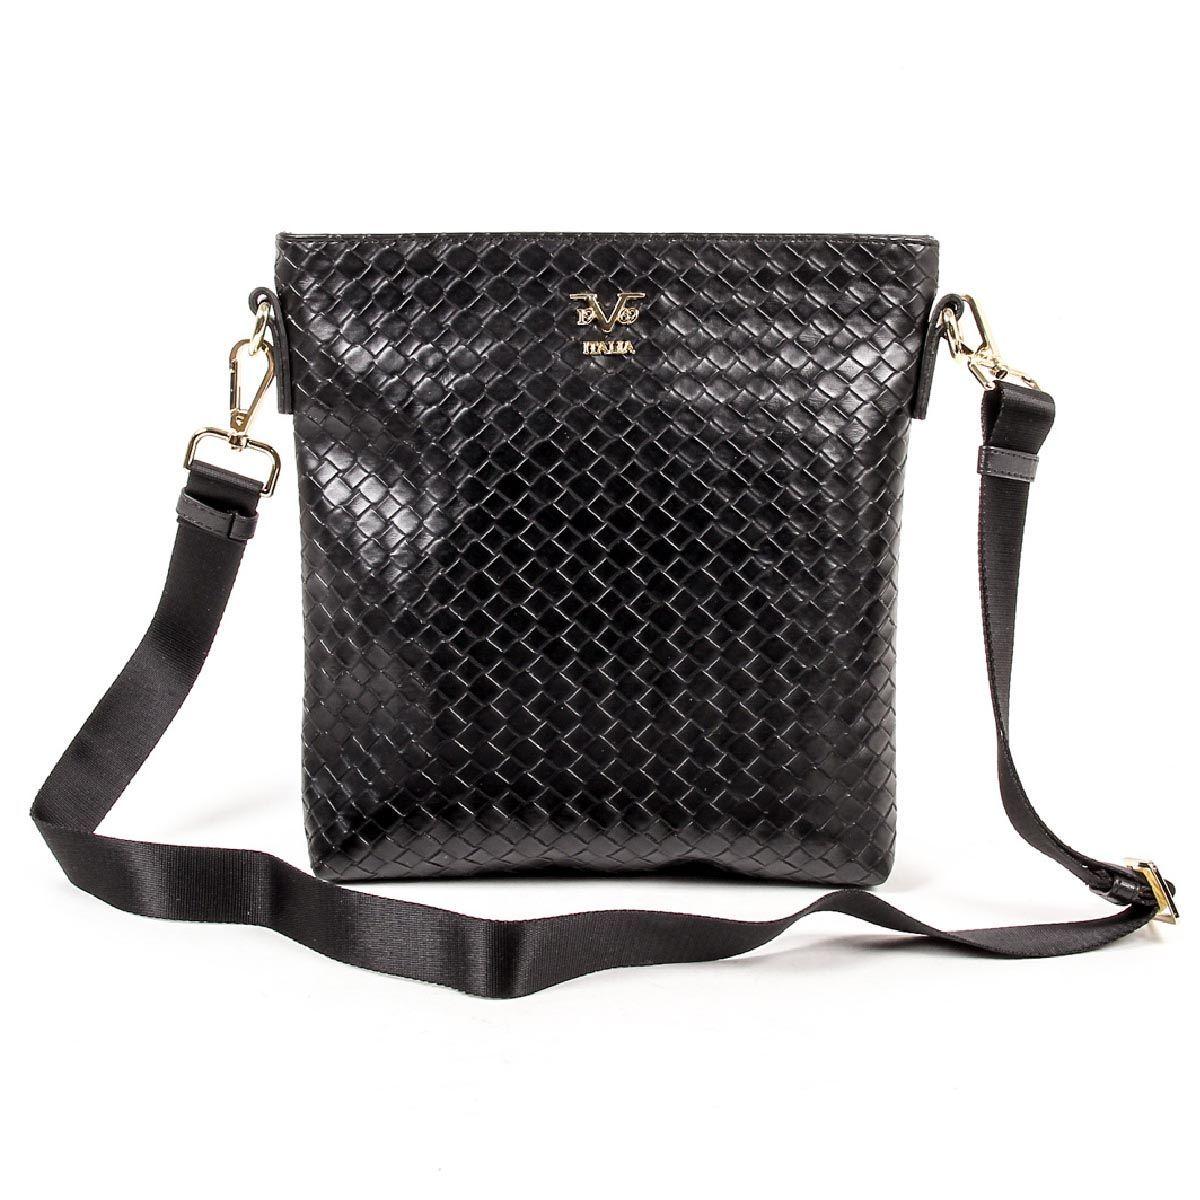 a1c691f2c8 Versace 19.69 Abbigliamento Sportivo Srl Milano Italia Mens Bag V1969008  BLACK